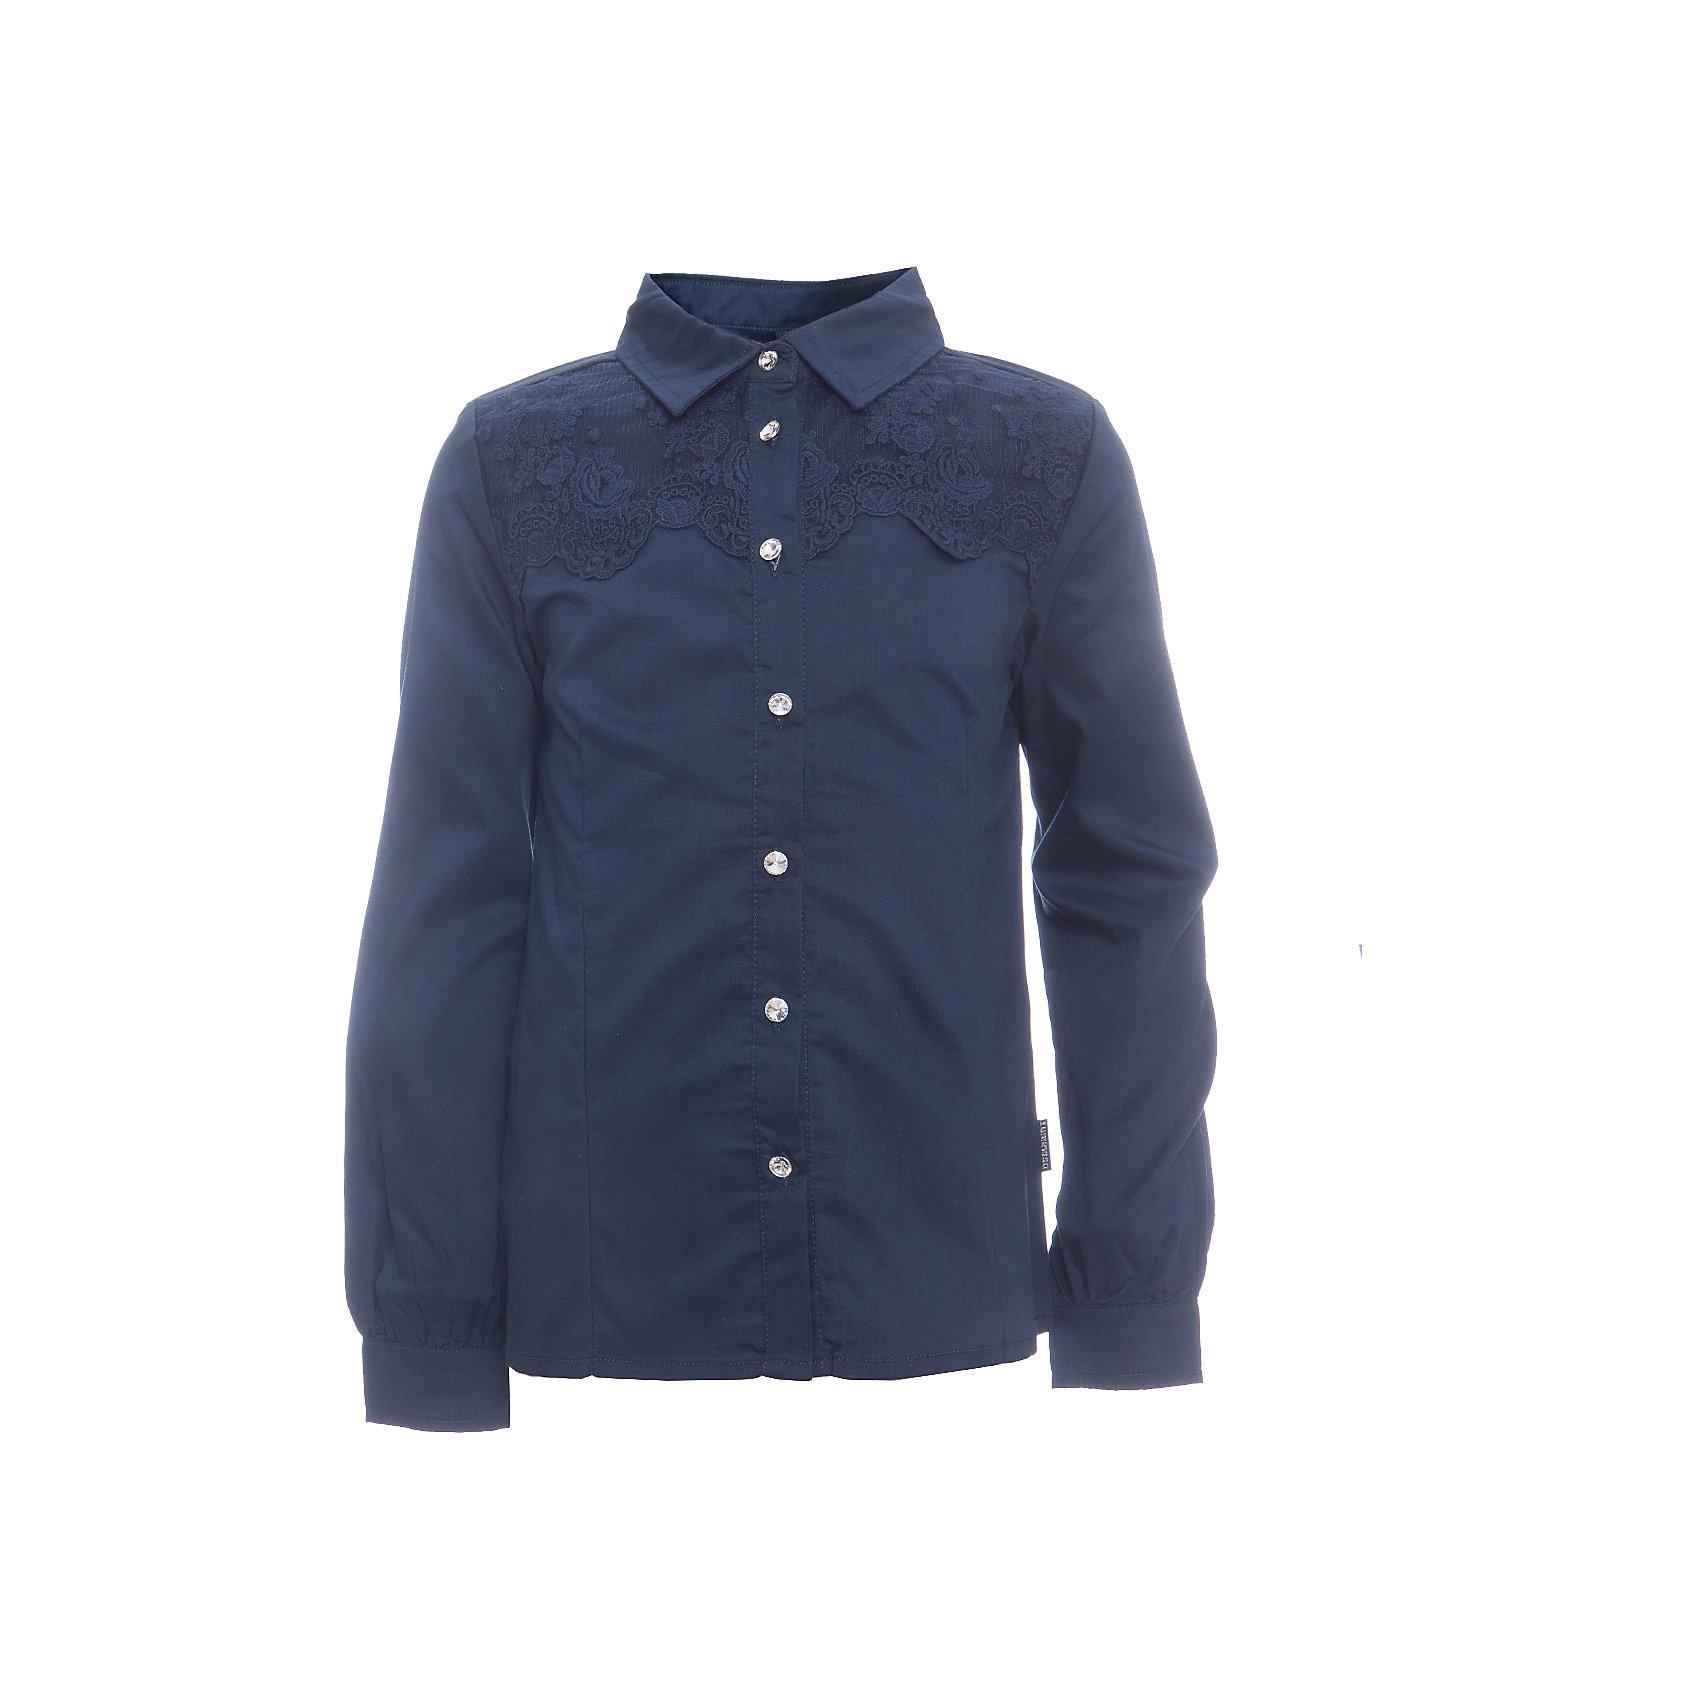 Блузка для девочки LuminosoБлузки и рубашки<br>Характеристики товара:<br><br>• цвет: темно-синий;<br>• состав: 65% хлопок, 32% полиэстер, 3% эластан;<br>• сезон: демисезон;<br>• особенности: школьная, с кружевом;<br>• застежка: пуговицы;<br>• с длинным рукавом;<br>• декорирована кружевом и брошью;<br>• манжеты рукавов на пуговице;<br>• страна бренда: Россия;<br>• страна производства: Китай.<br><br>Школьная блузка с длинным рукавом для девочки. Темно-синяя блузка приталенного кроя. Декорирована кружевом синего цвета и брошью. Застегивается на пуговки, манжеты рукавов на одной пуговице. <br><br>Блузка для девочки Luminoso (Люминосо) можно купить в нашем интернет-магазине.<br><br>Ширина мм: 186<br>Глубина мм: 87<br>Высота мм: 198<br>Вес г: 197<br>Цвет: синий<br>Возраст от месяцев: 108<br>Возраст до месяцев: 120<br>Пол: Женский<br>Возраст: Детский<br>Размер: 140,134,146,152,158,164,122,128<br>SKU: 6672083